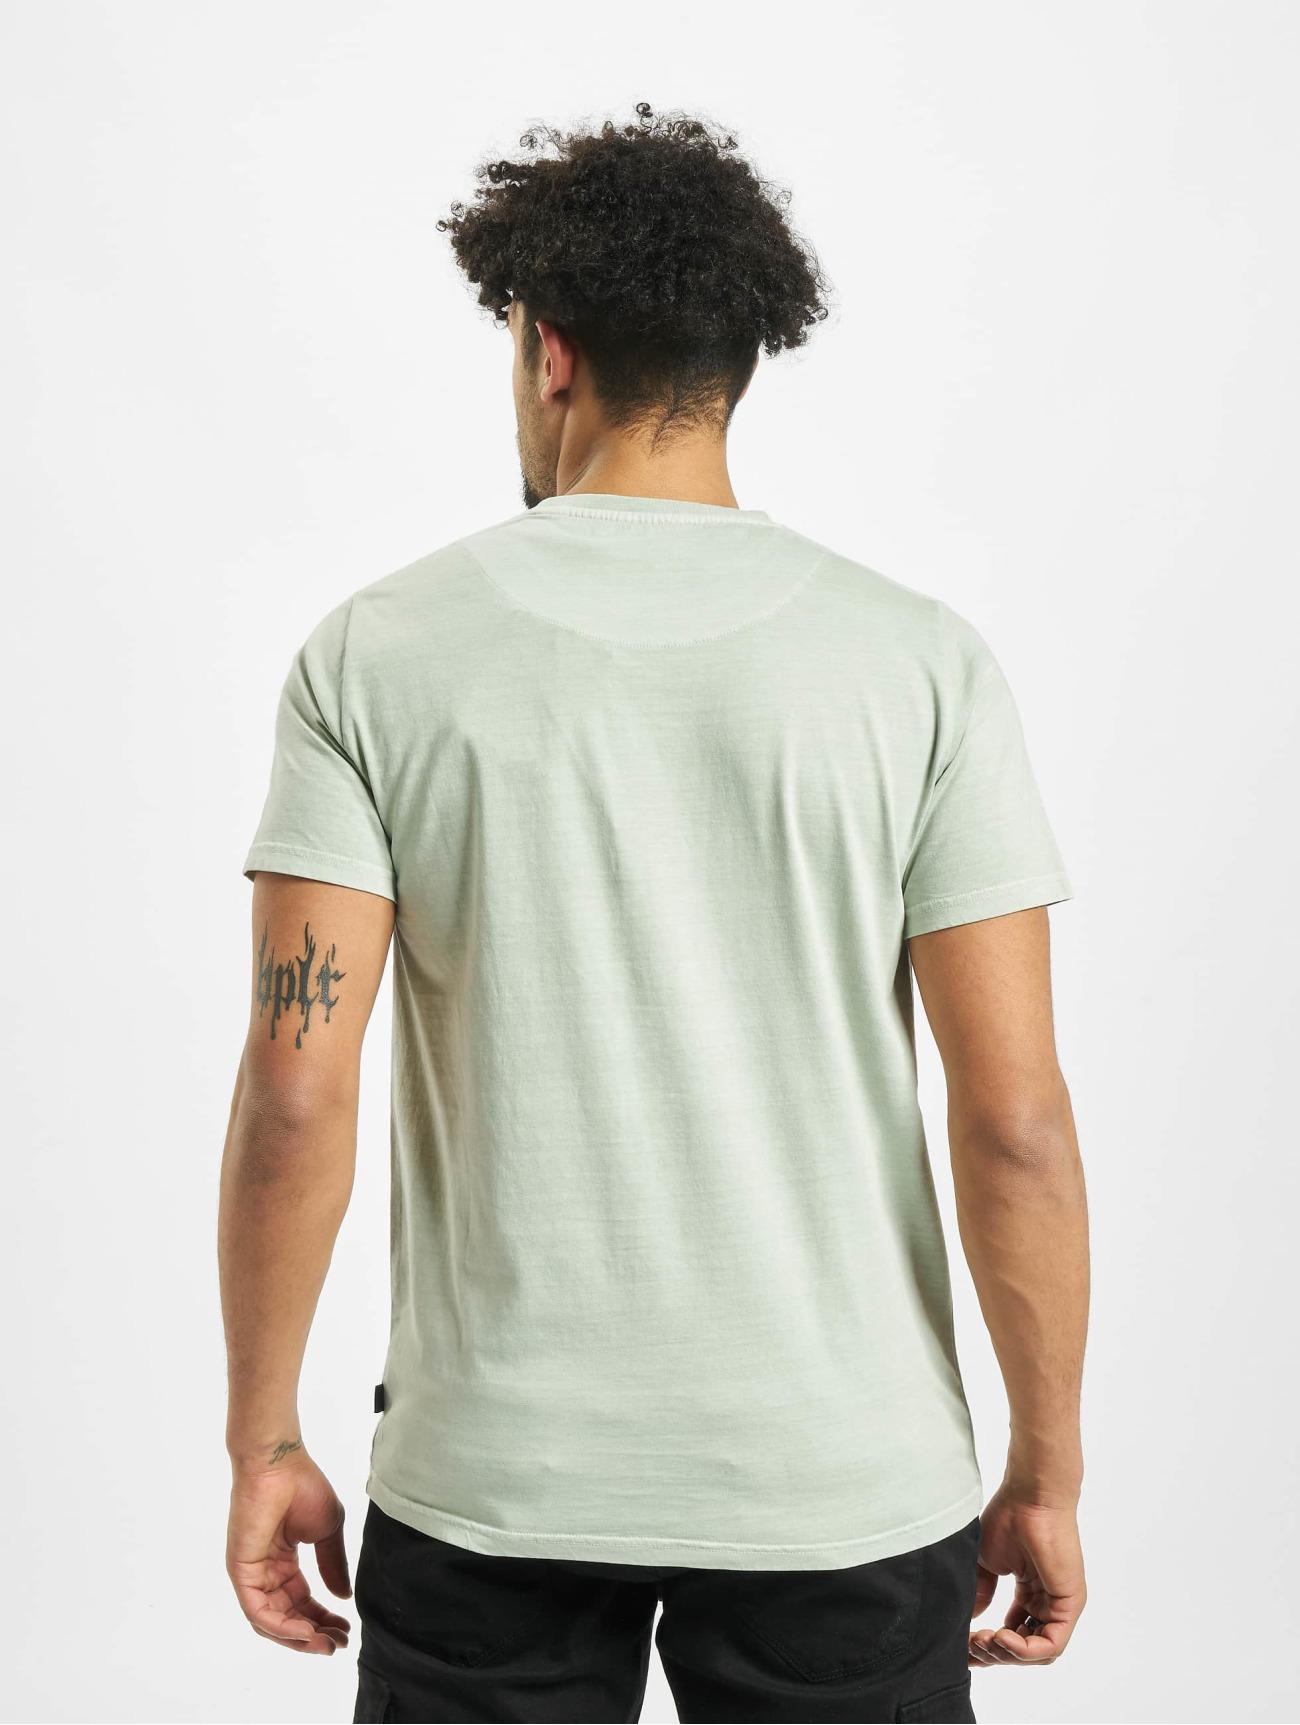 Suit Överdel / T-shirt Hero i grön 652143 Män Överdelar